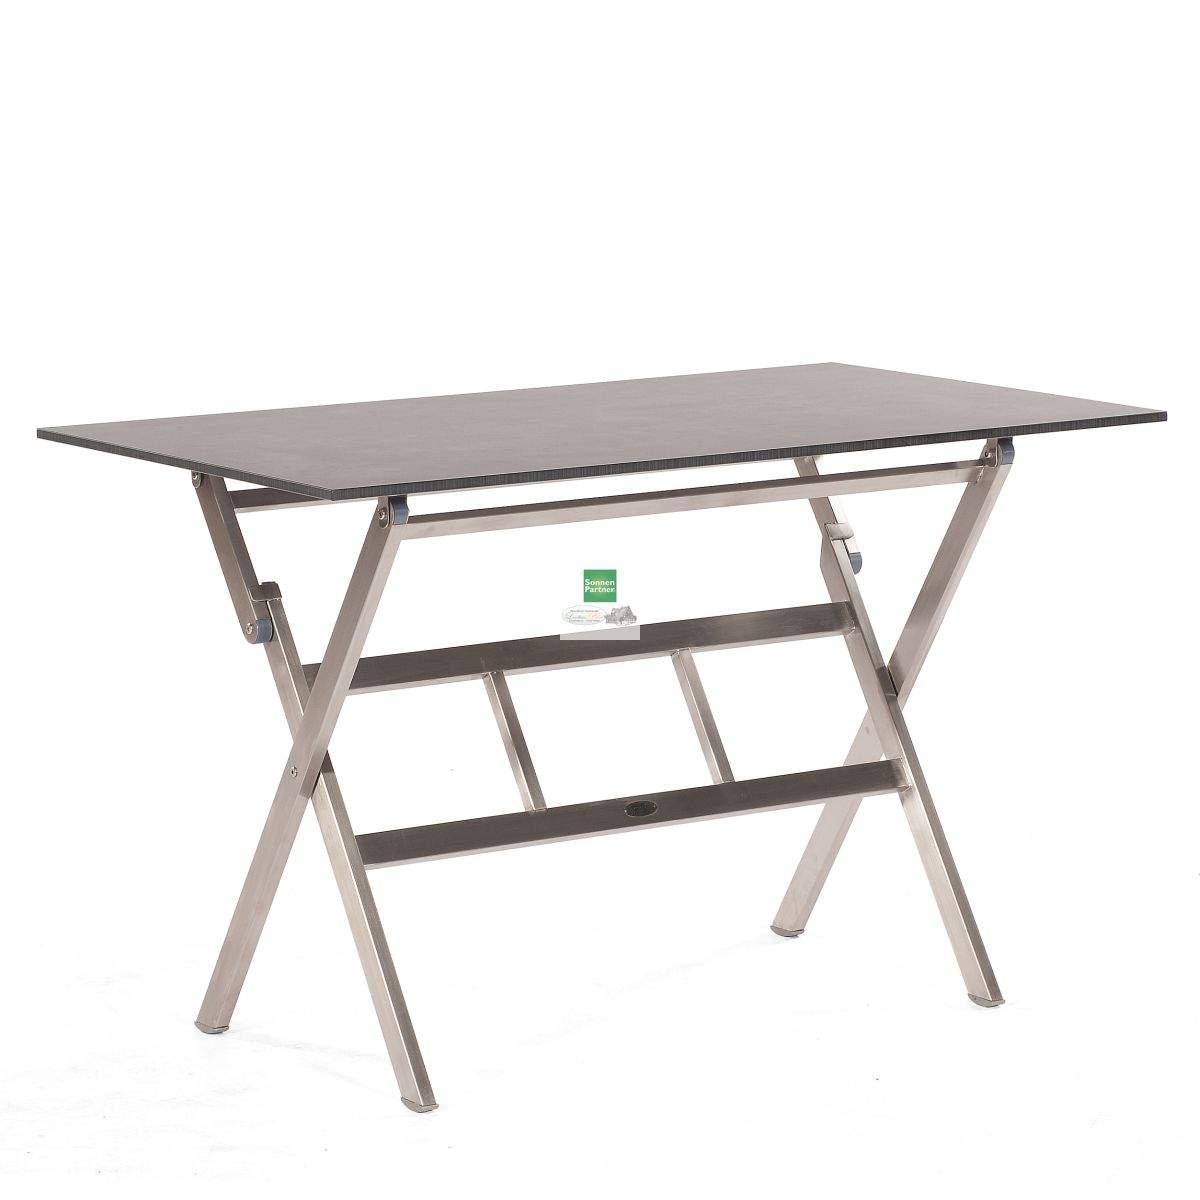 Gartenmoebel Sonnenpartner Base Klapptisch Edelstahl 120 x70 mit Tischplatte pact 1